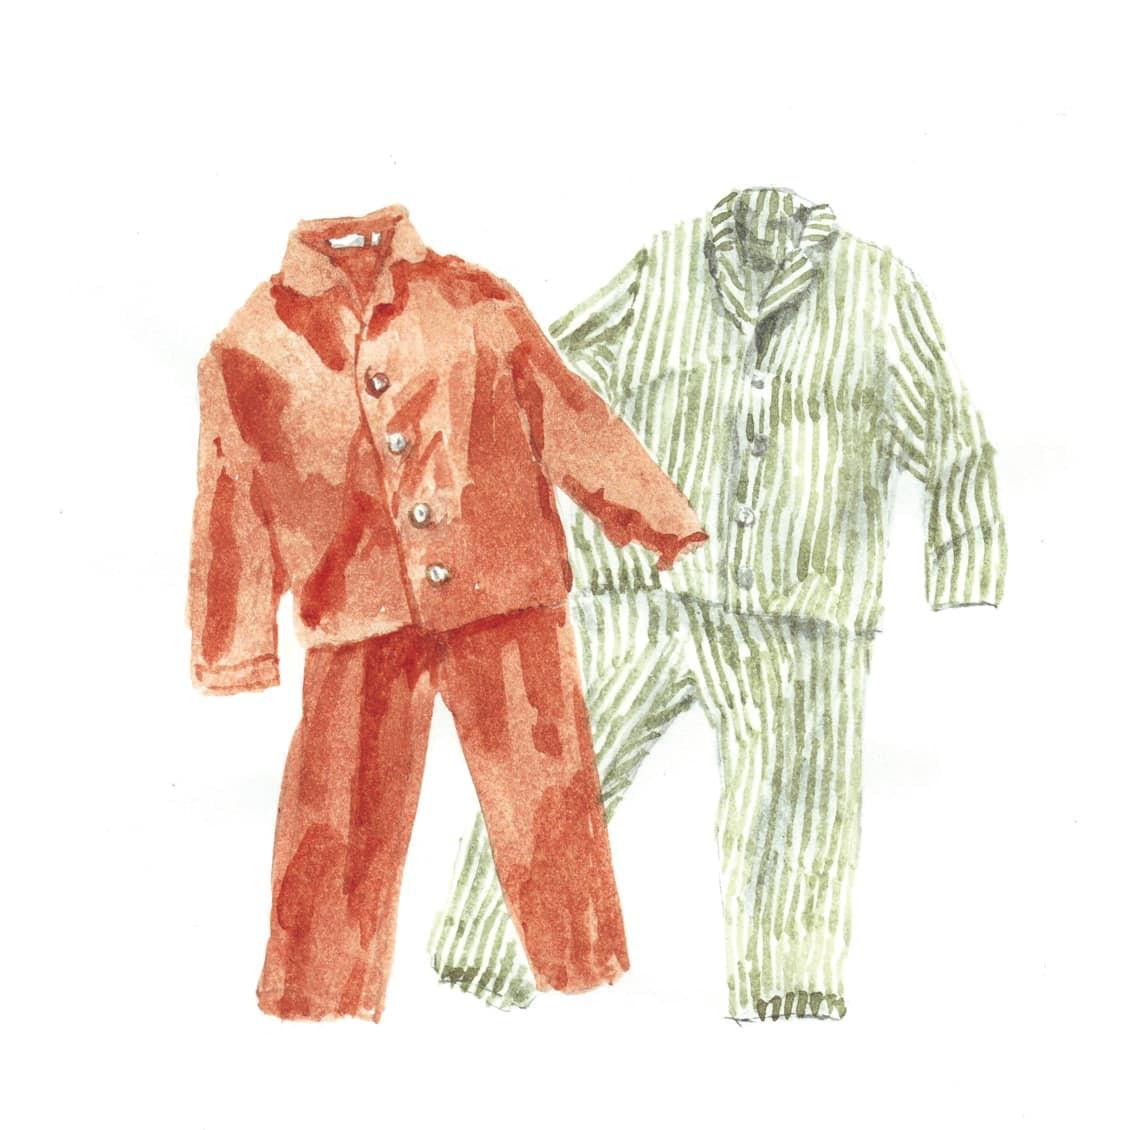 【あると、うれしい】贅沢は、たぶんお金じゃない。心を豊かにしてくれるパジャマやタオルの話